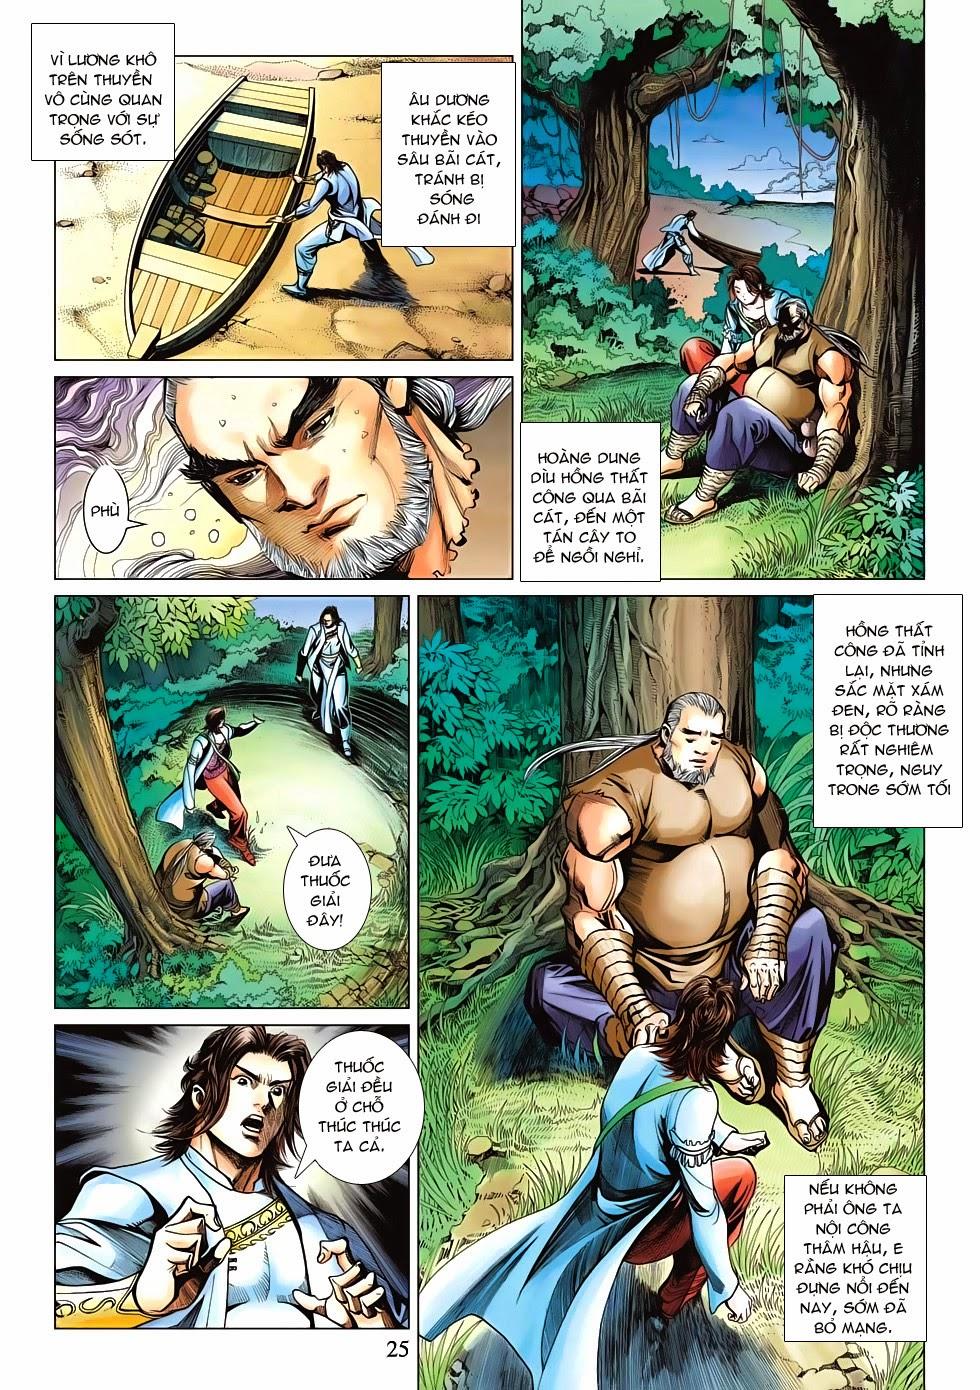 Anh Hùng Xạ Điêu anh hùng xạ đêu chap 53: lâm nguy thụ mệnh đả cẩu học pháp trang 26